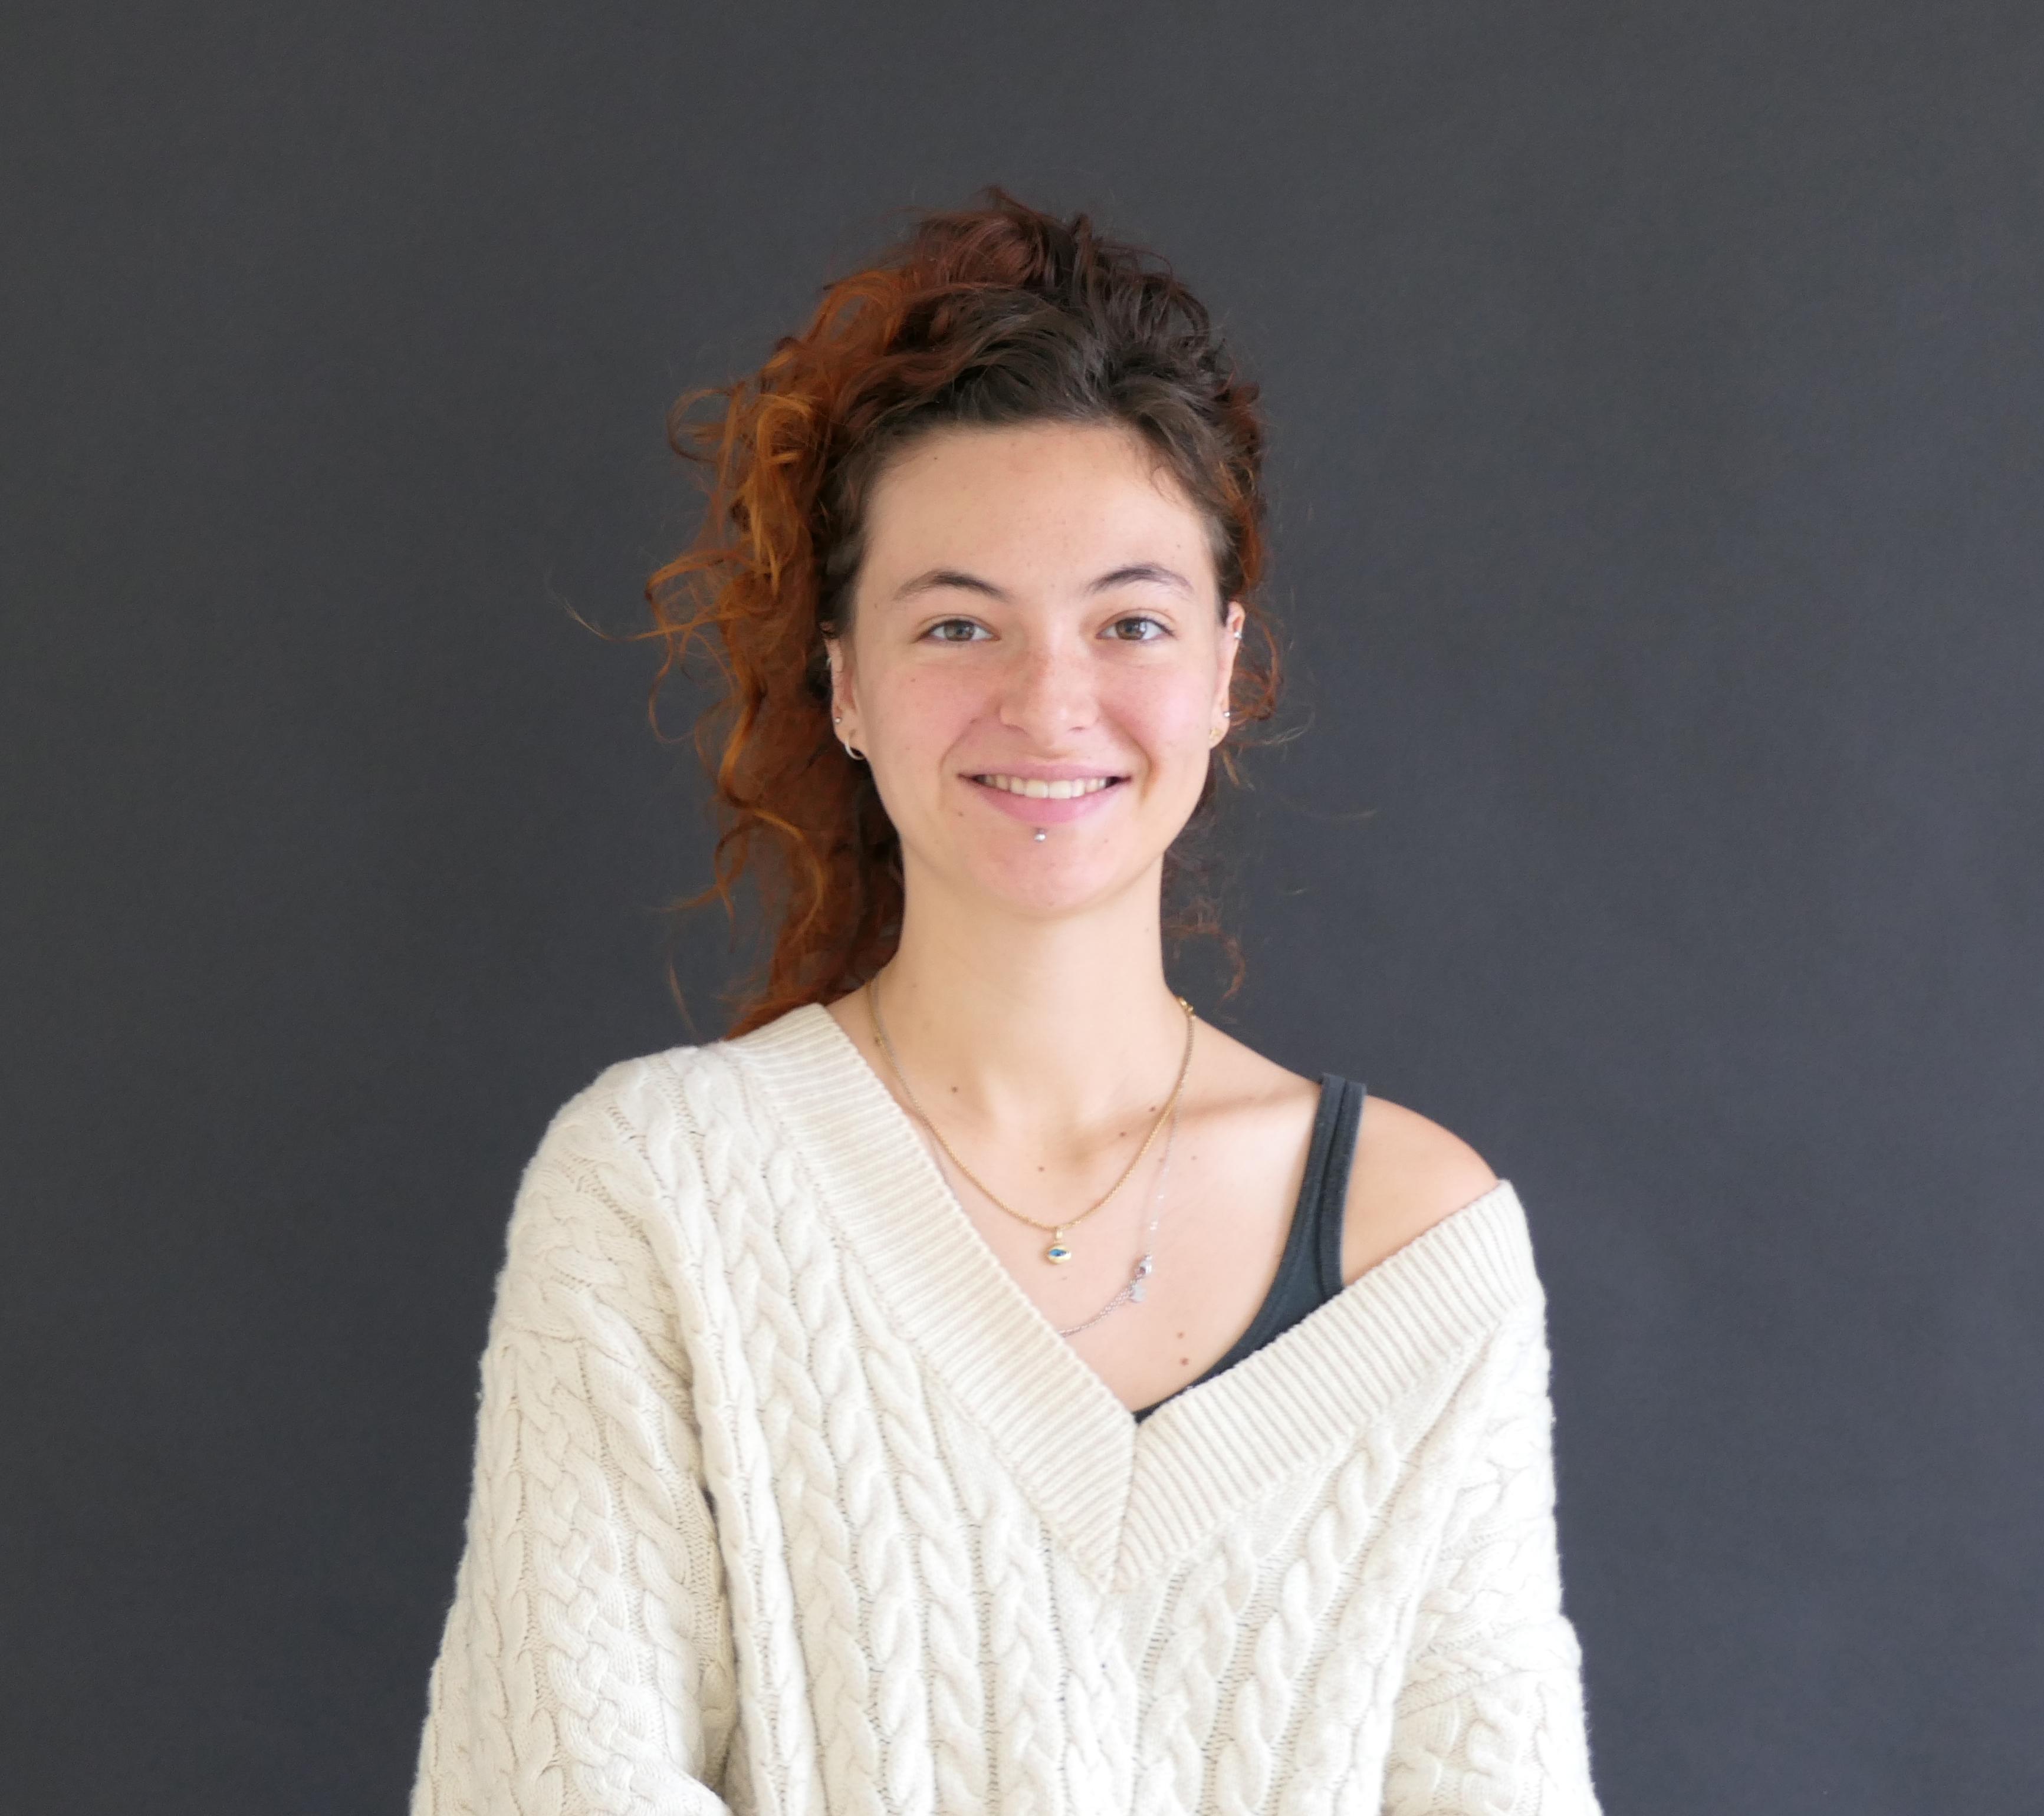 Victoria Le Moine